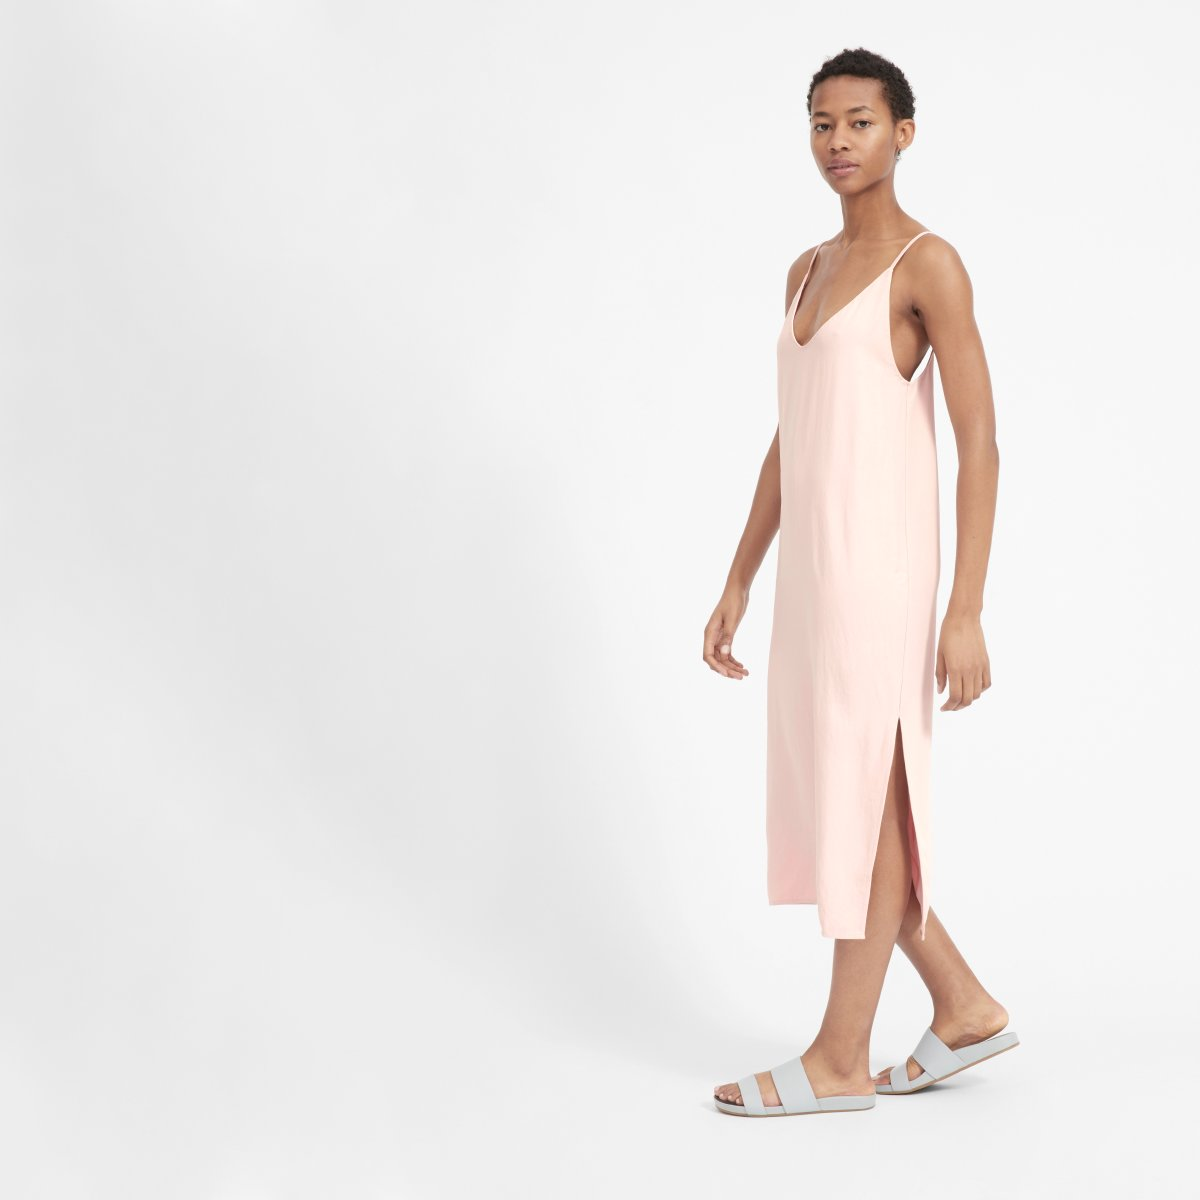 Everlane Dress, $88